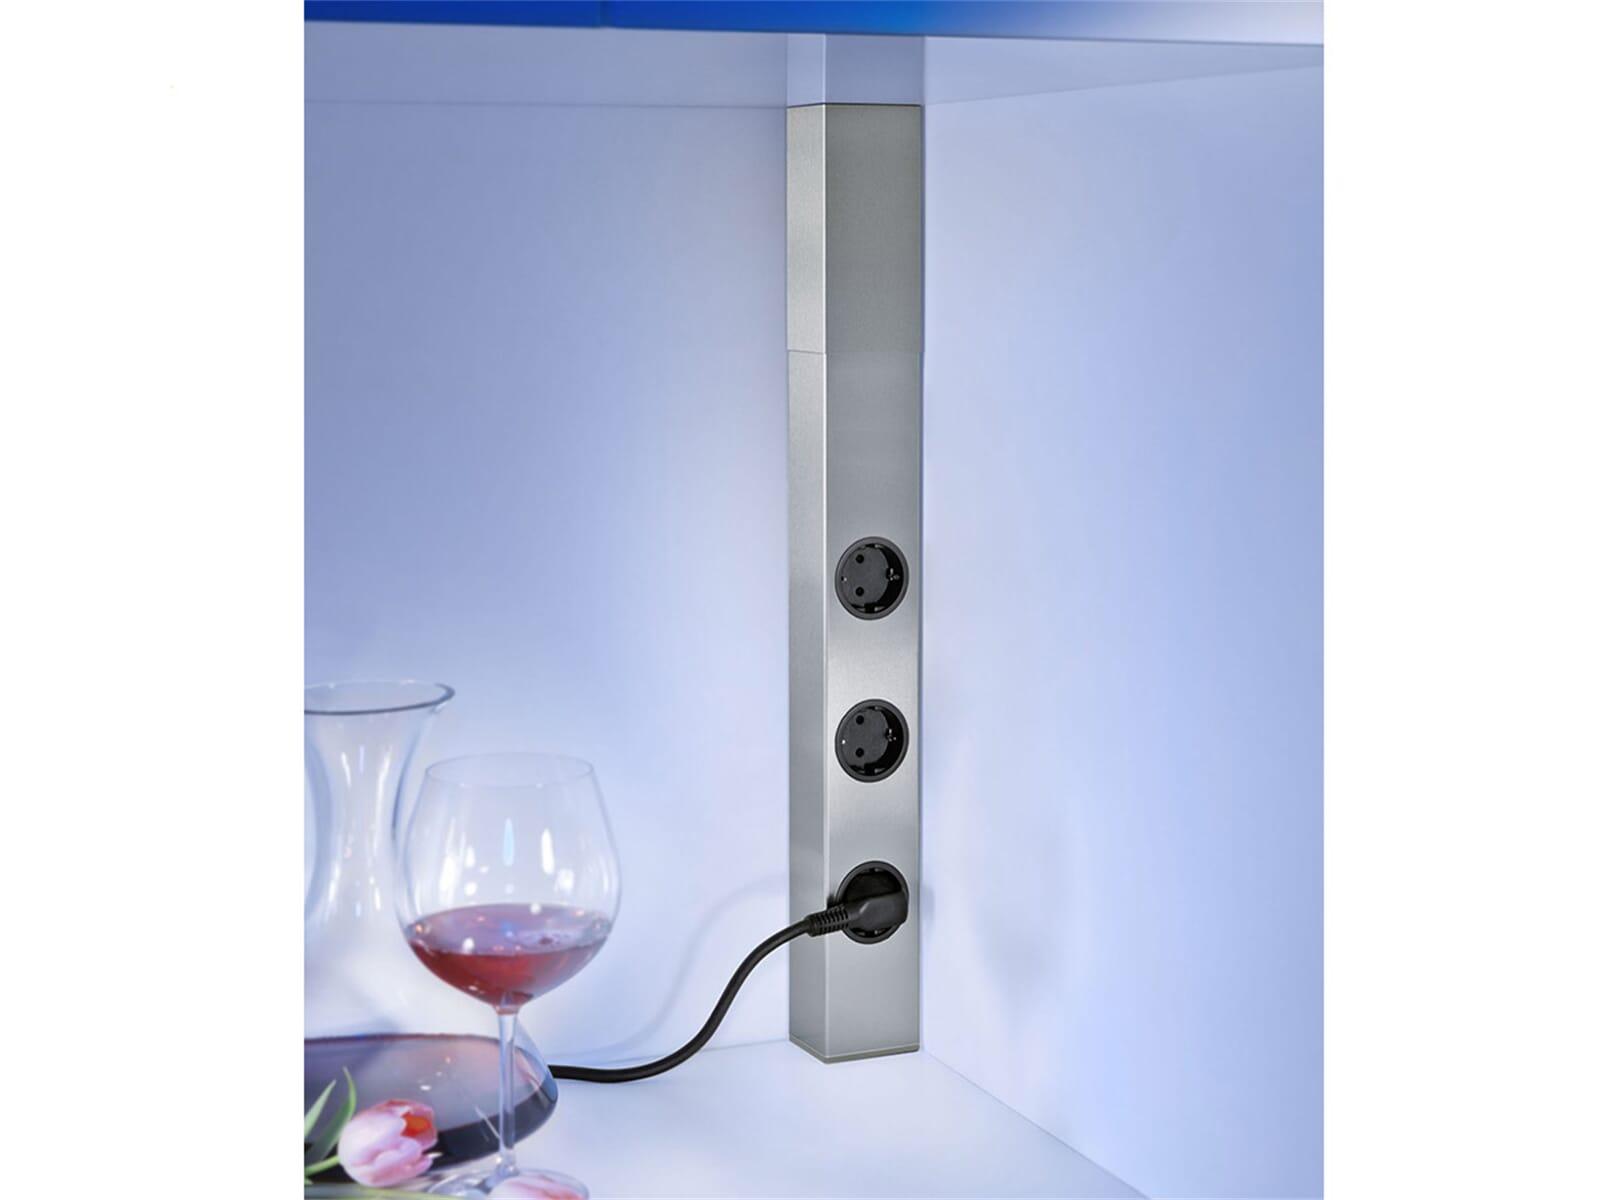 thebo st 3004 17846 steckdosenelement edelstahl f r 68. Black Bedroom Furniture Sets. Home Design Ideas